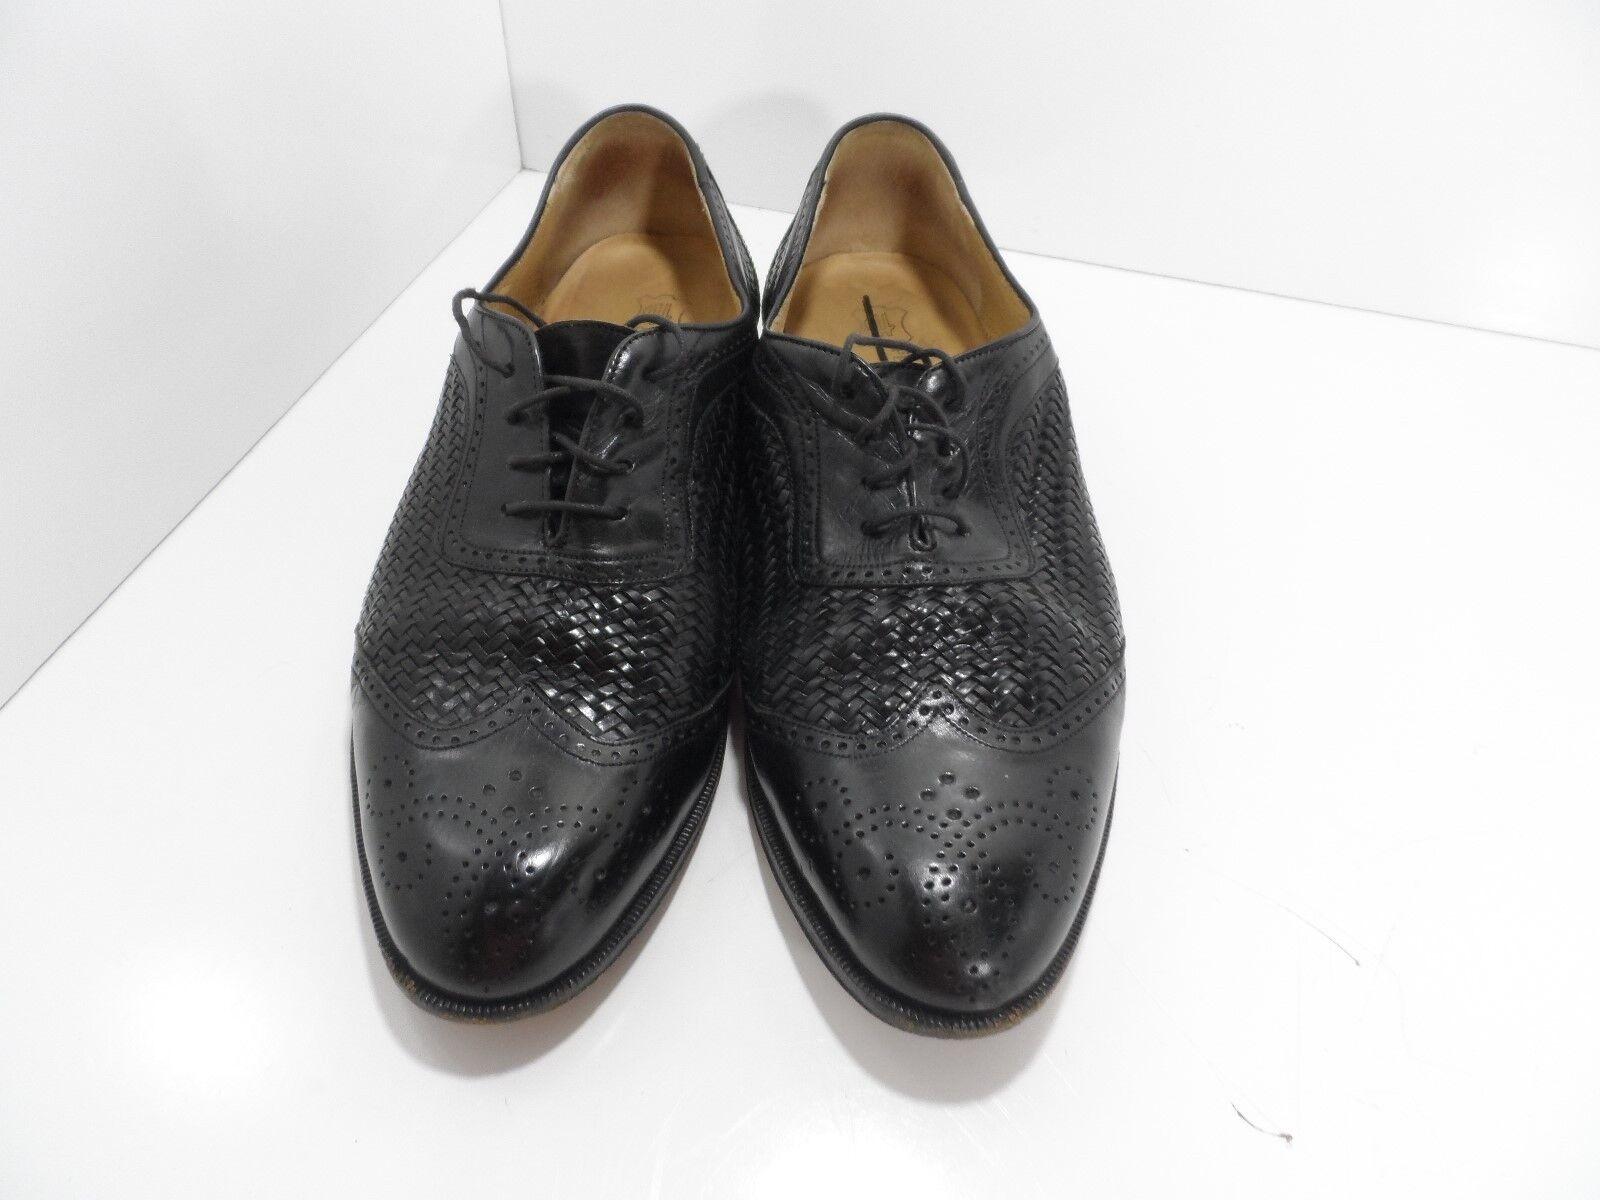 Peter Huber Designer Shoes Mens Black Leather Oxford Shoes Designer - Size 10.5M - VGC 02951d